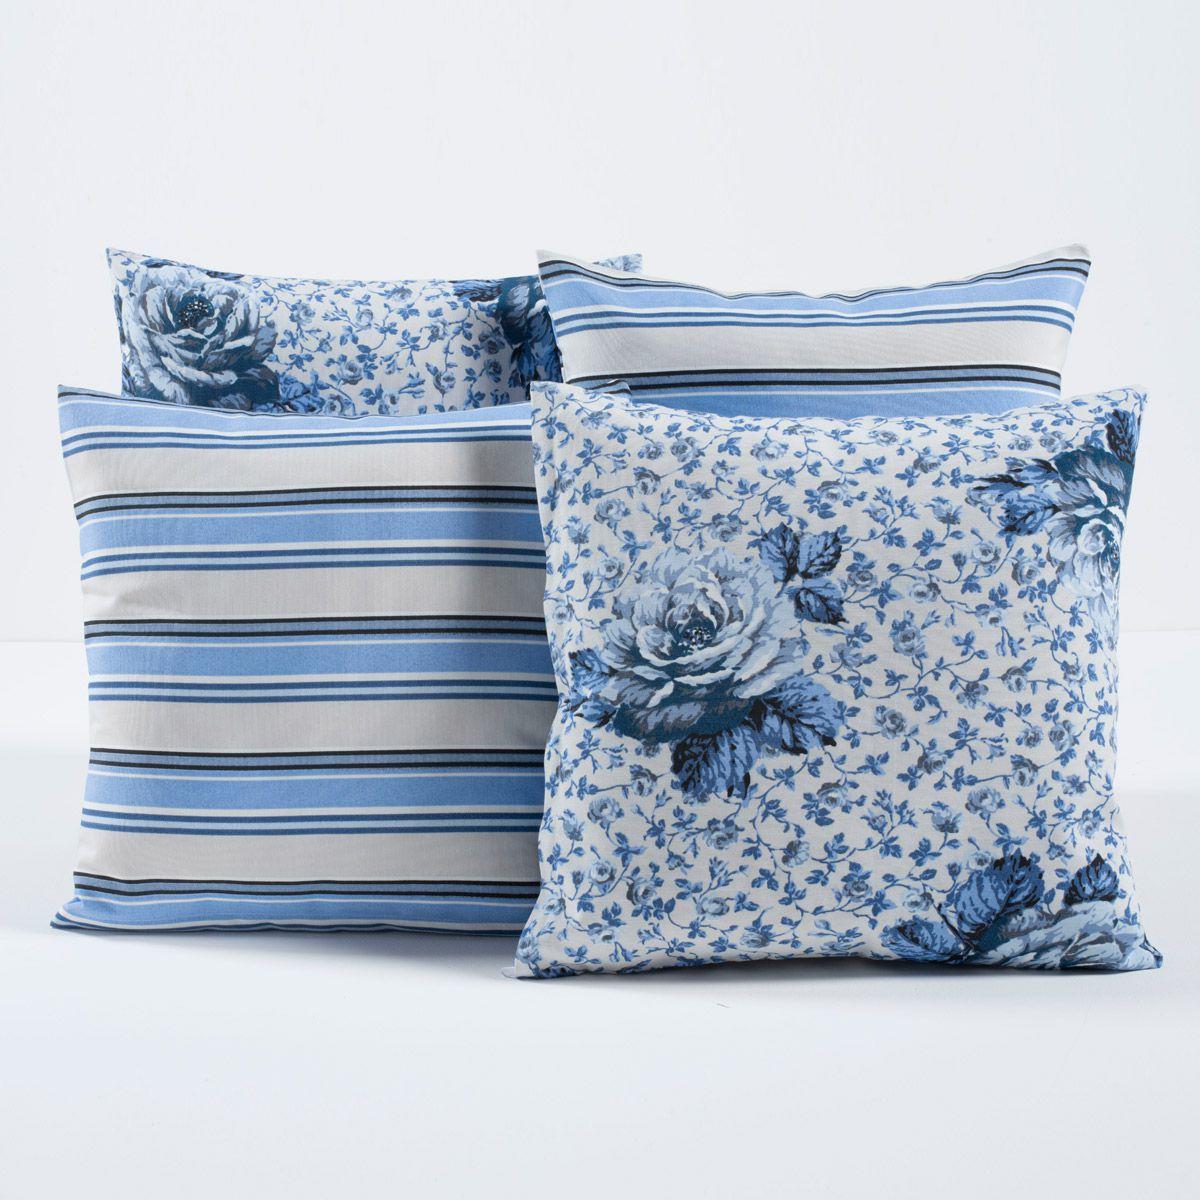 Kit Capas de Almofadas Decorativas Floral Azul Bebê Listrado 04 Peças